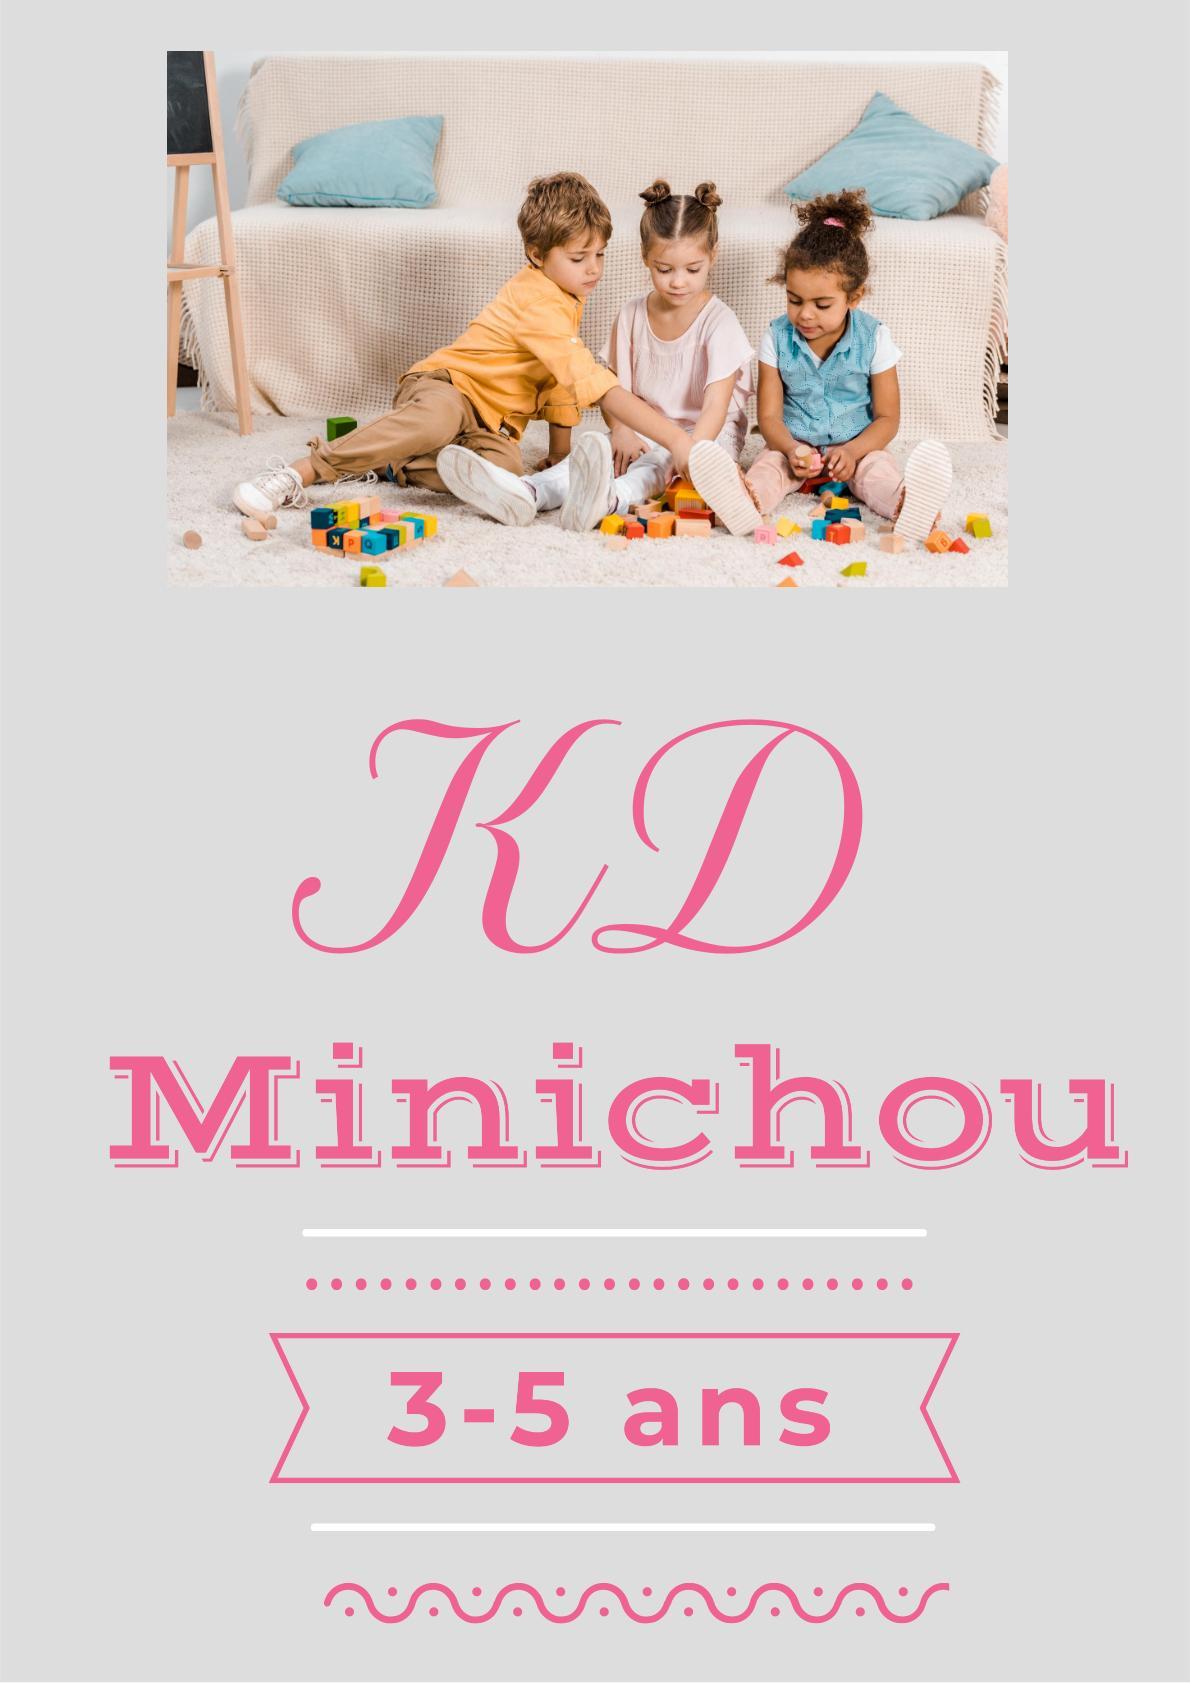 Minichou 2